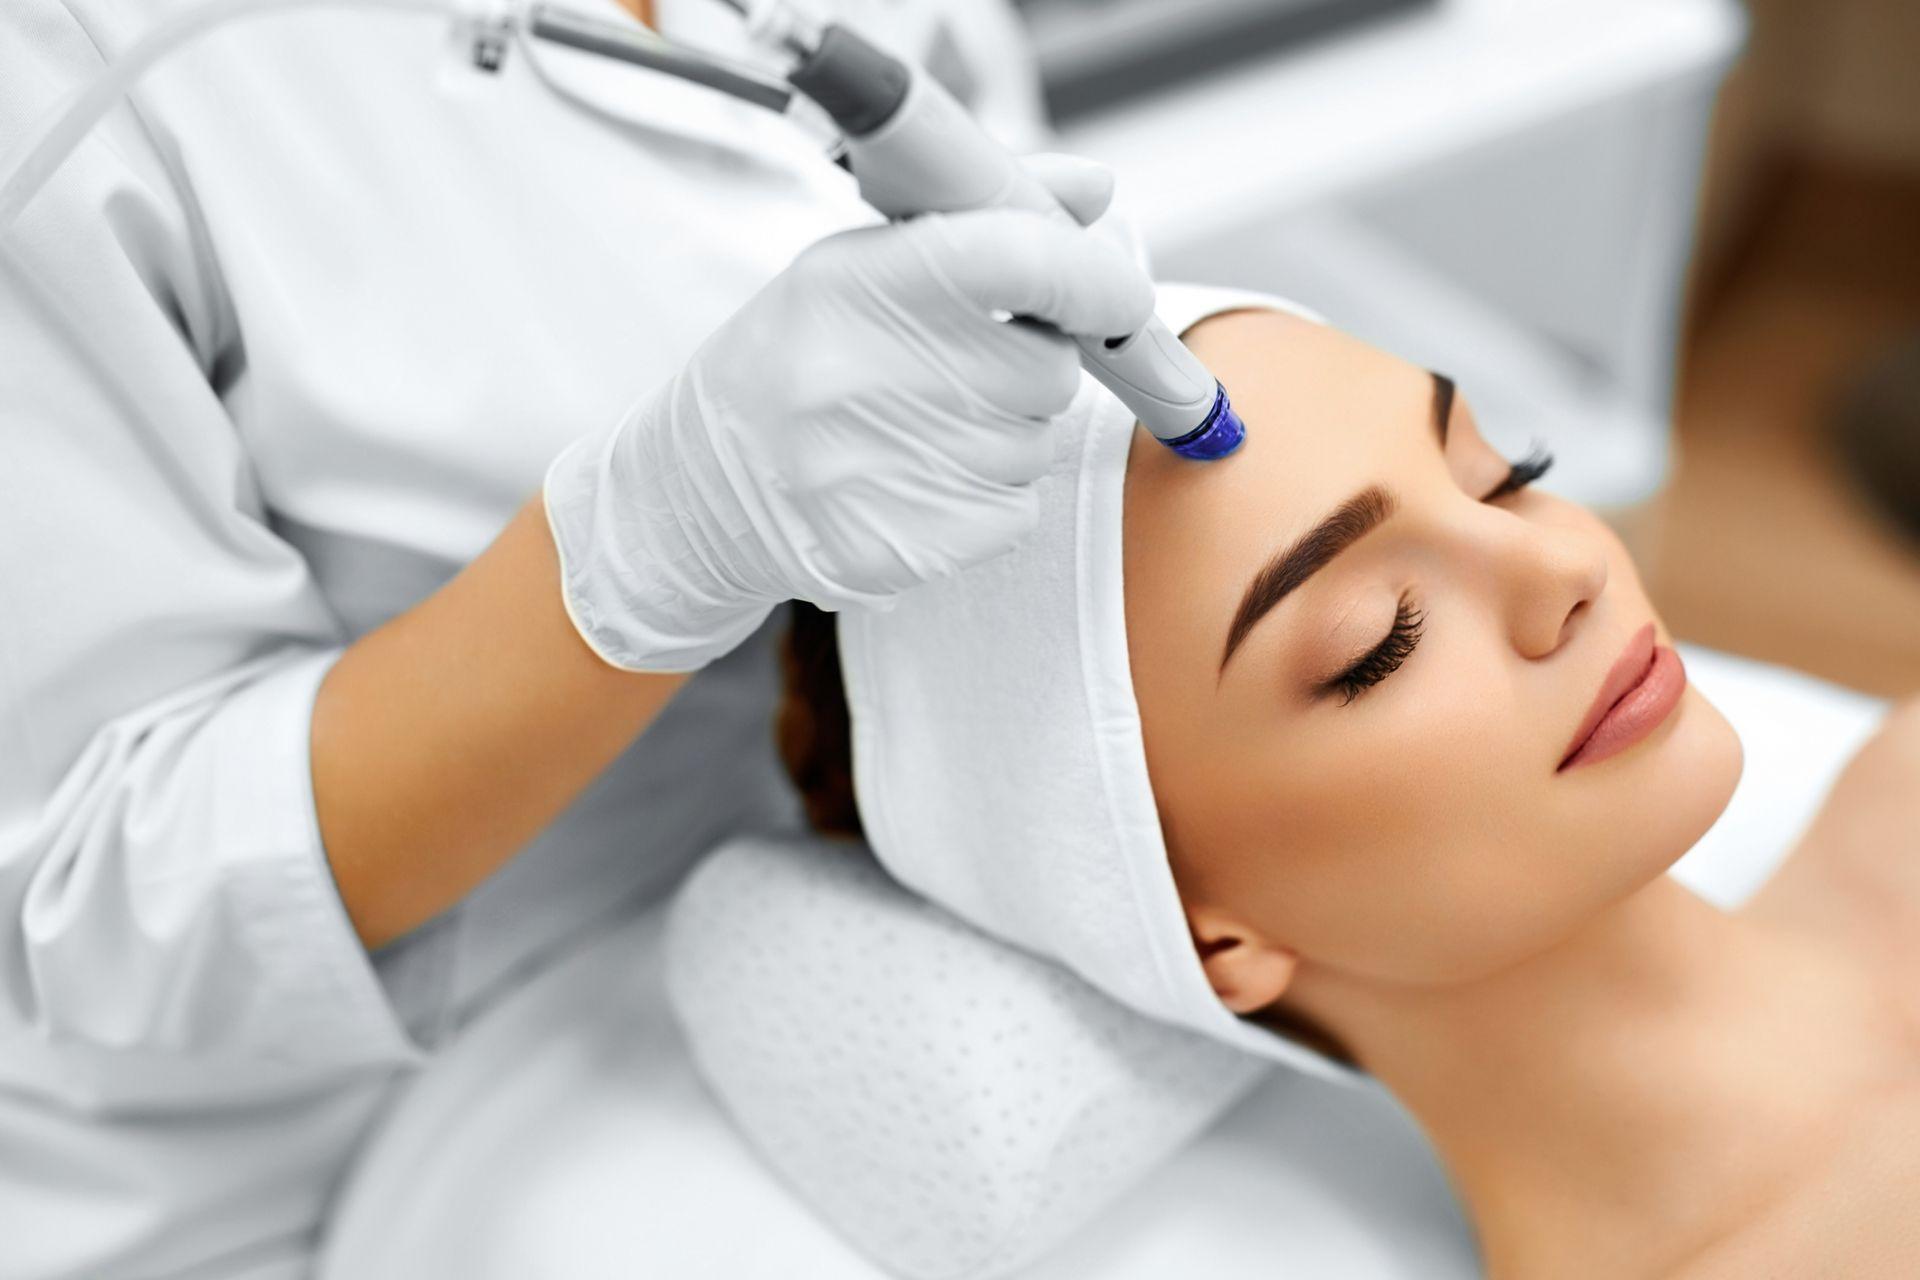 Tratamientos faciales y corporales para hacer frente a la vejez y mejorar nuestra salud